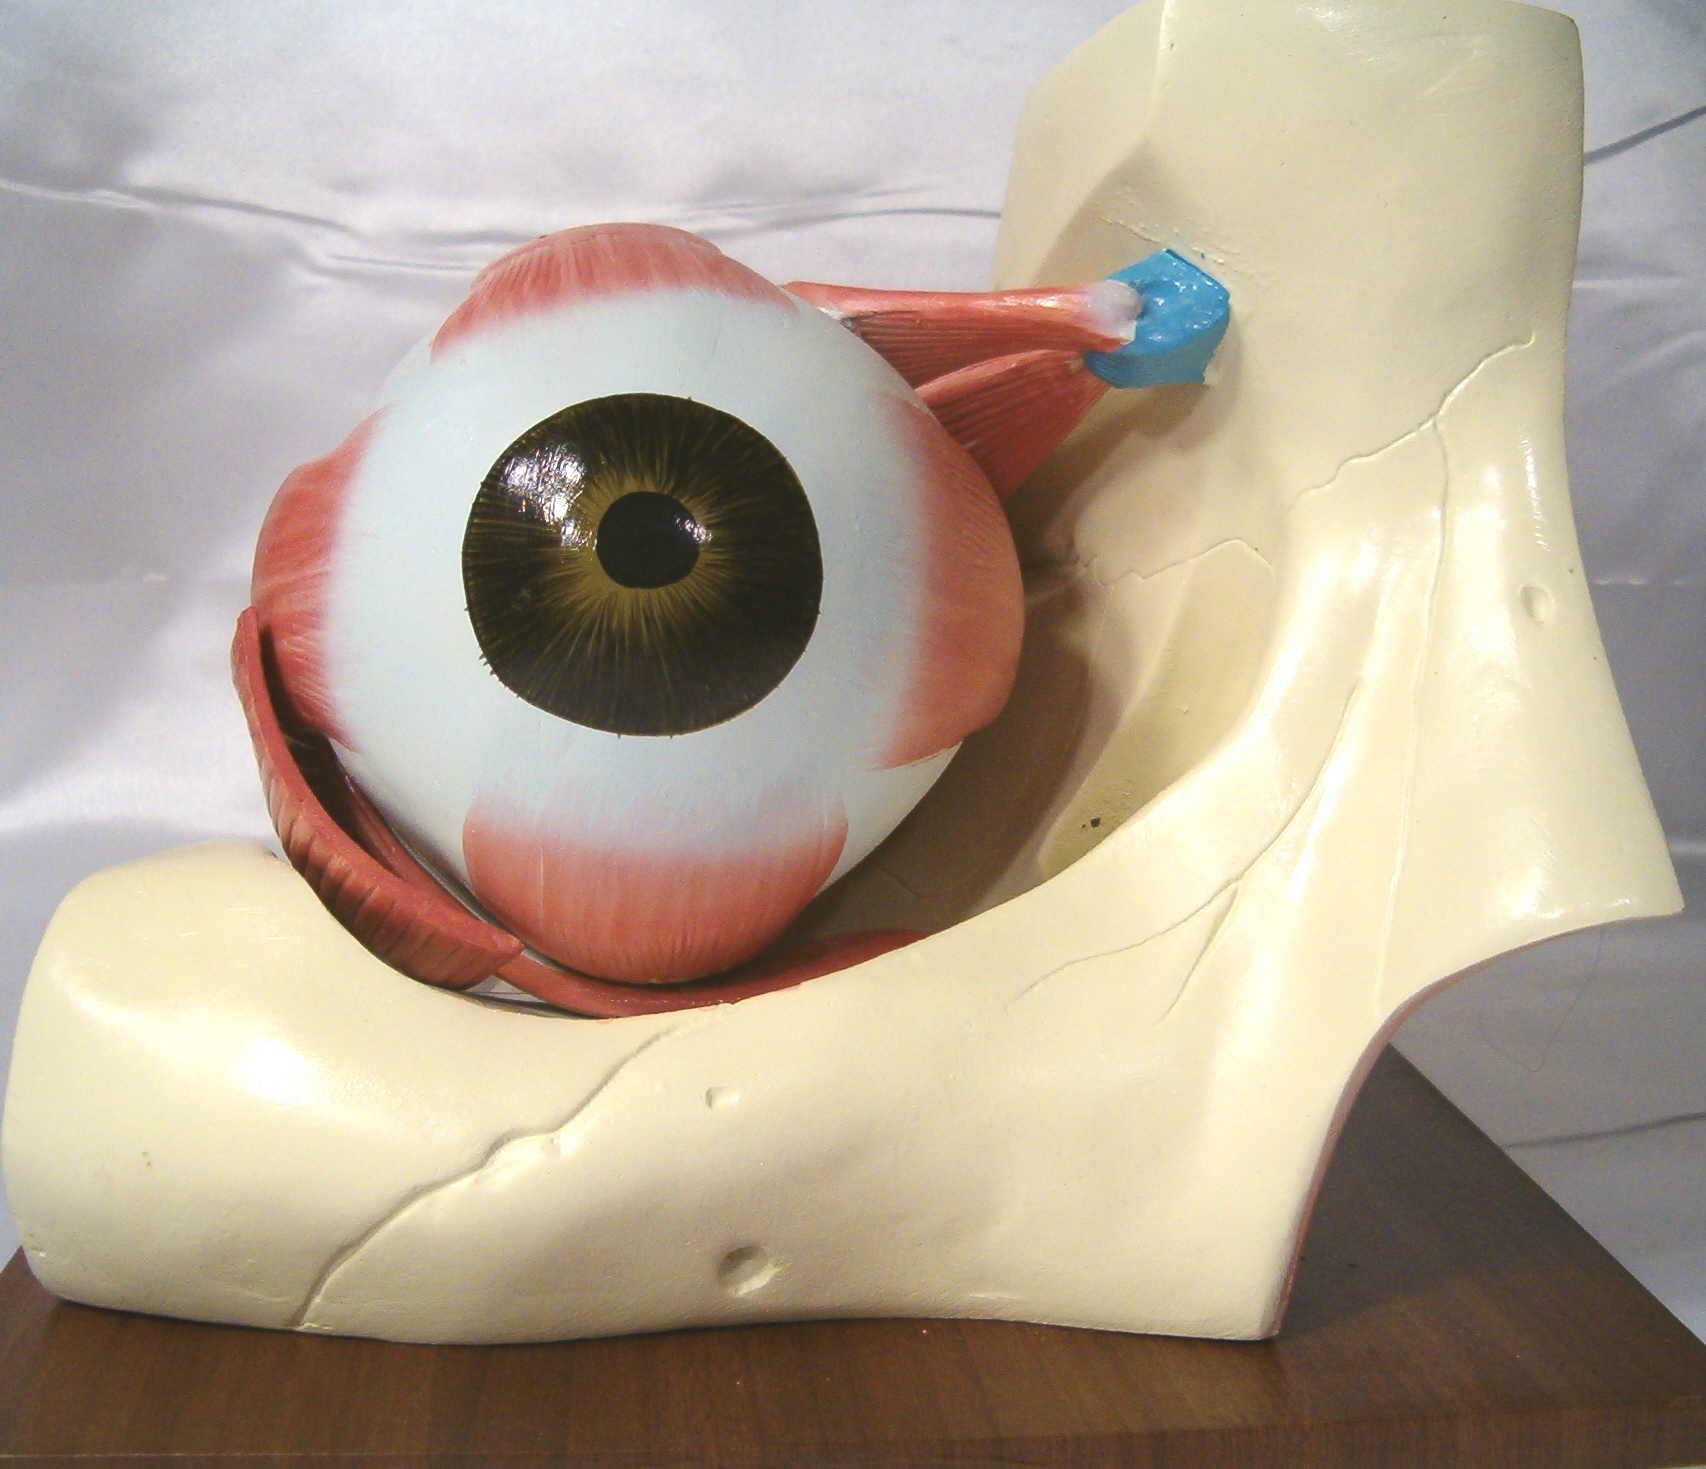 Human Eye Eyeball Dissection Anatomy Anatomical Model